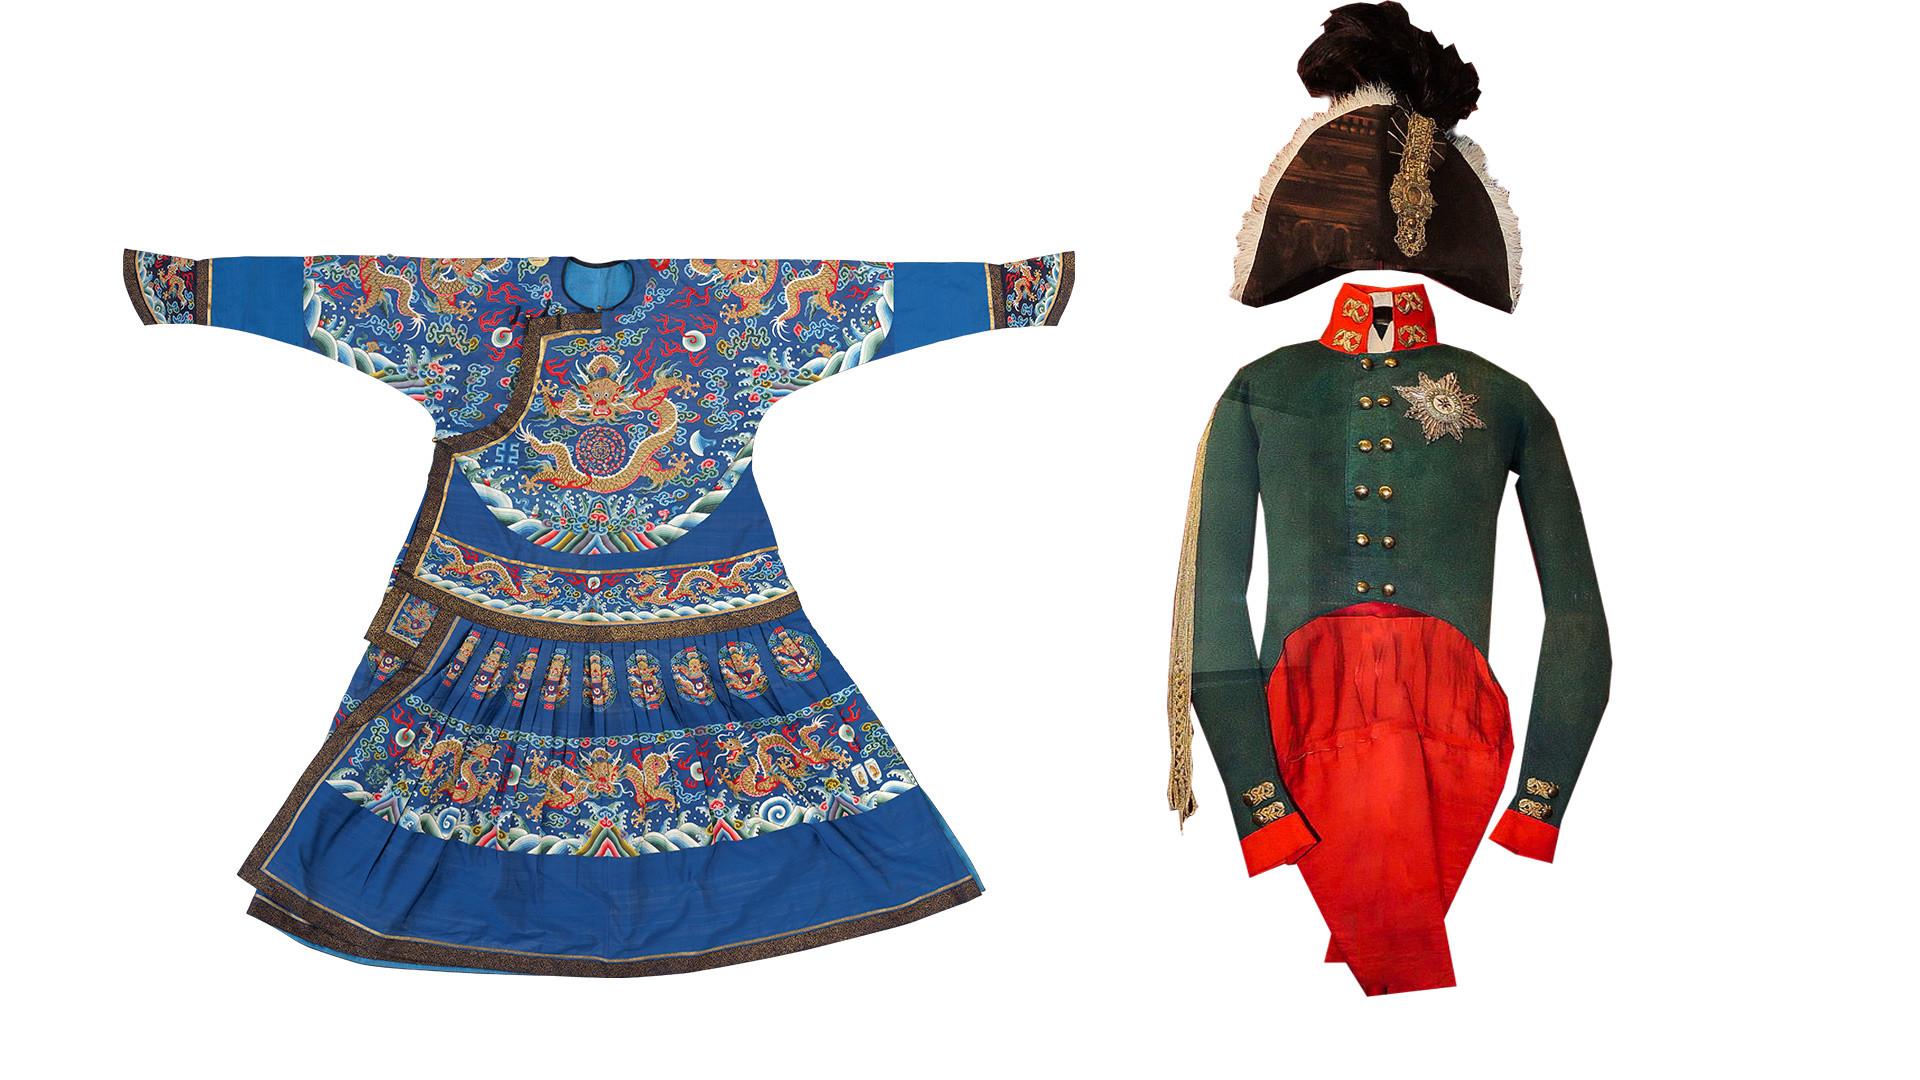 左:皇帝の絹の式服、嘉慶帝の統治期 (1735-1796)。右:ロシアの皇帝、アレクサンドル1世の戴冠衣装。